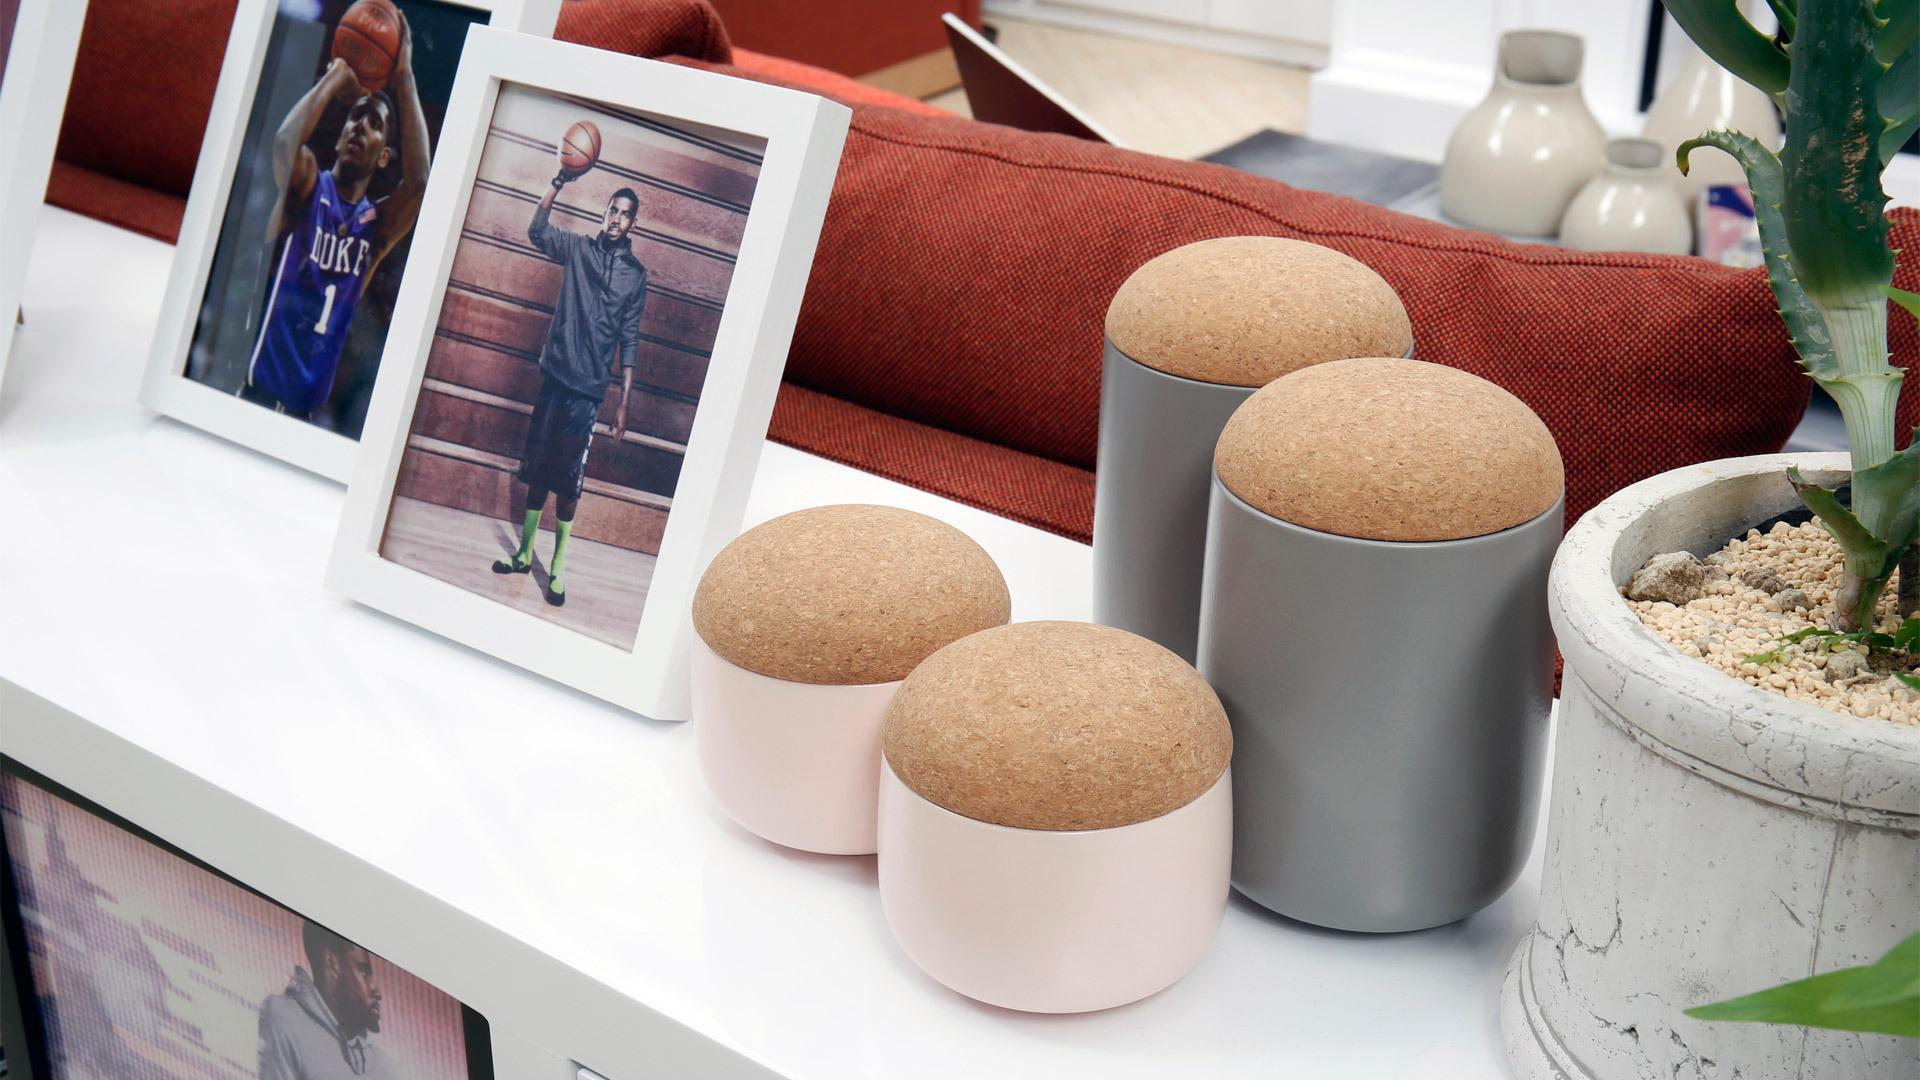 实景示范,沙发转角,蘑菇俏皮生长